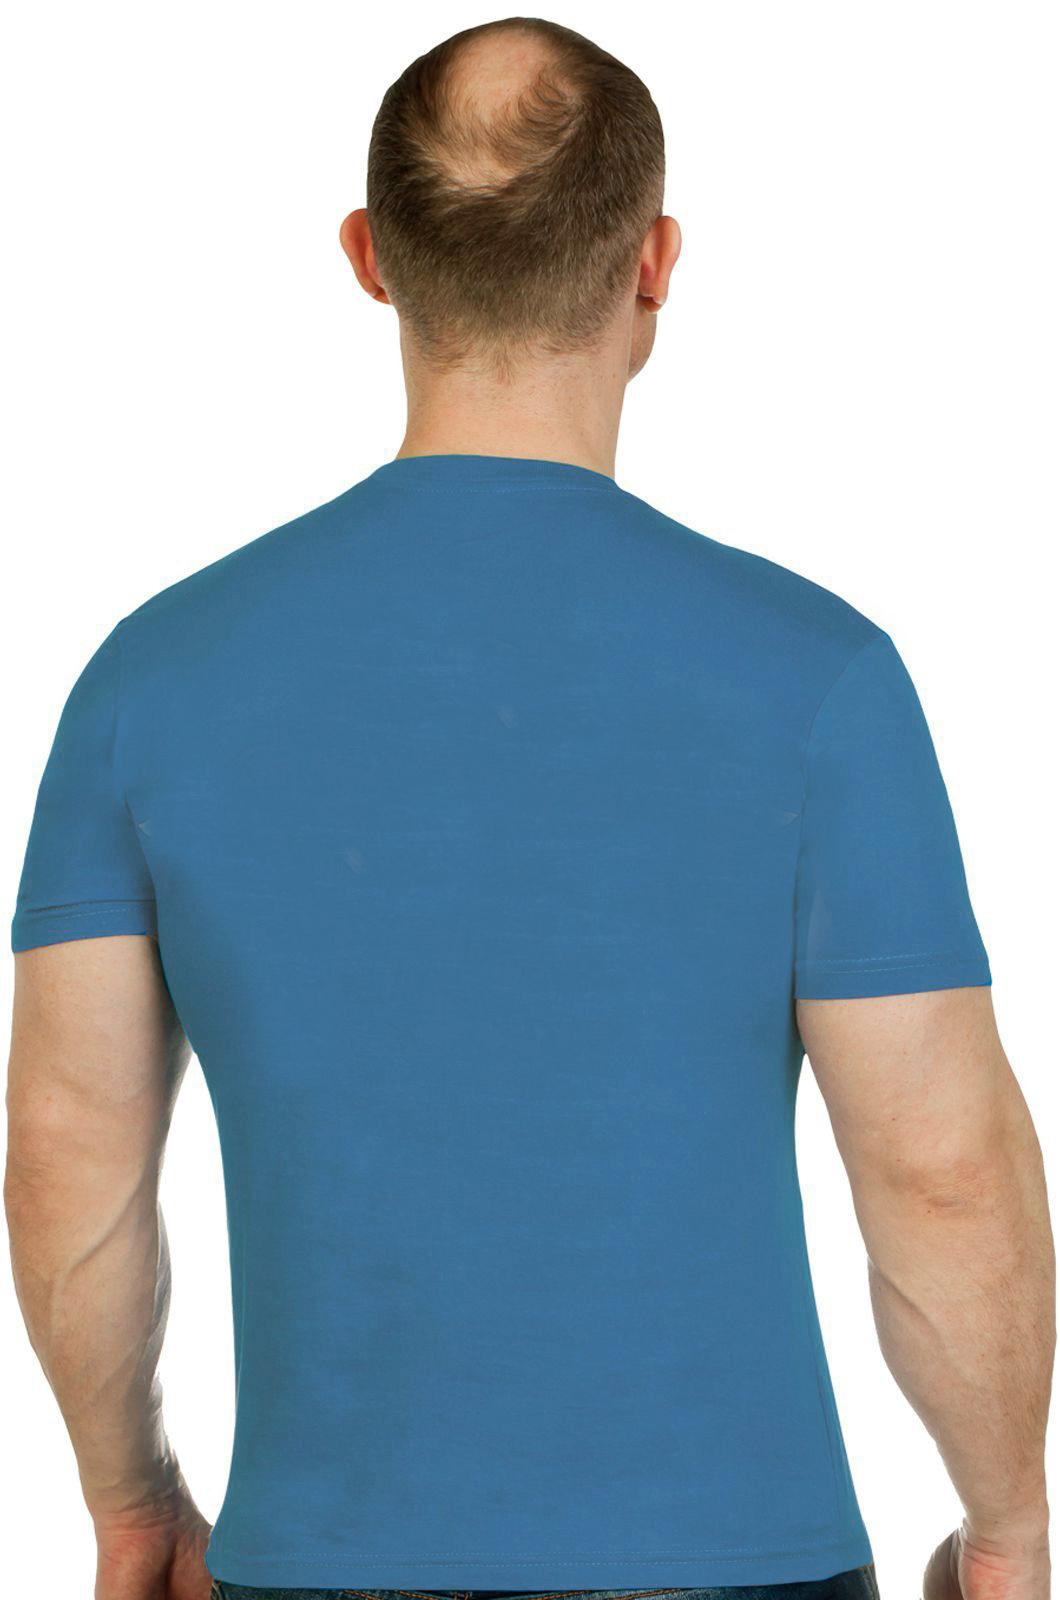 Оригинальная мужская футболка с вышивкой Спецназ ГРУ - купить в подарок